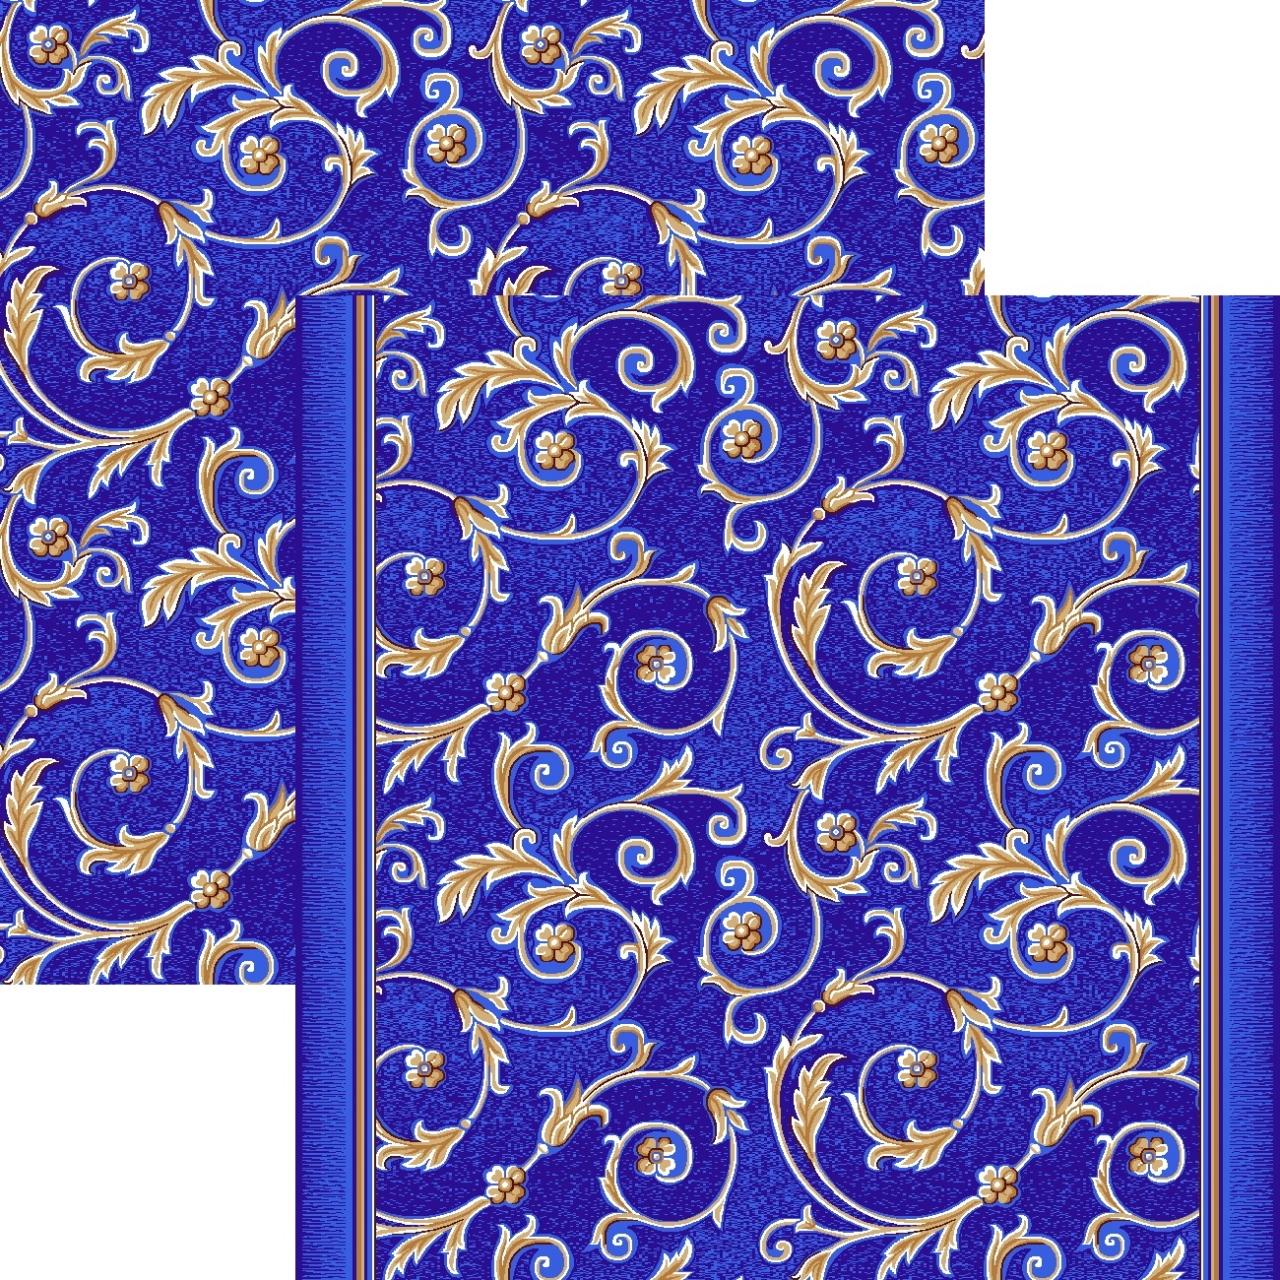 принт 8-ми цветное полотно - p1243o4p - 37